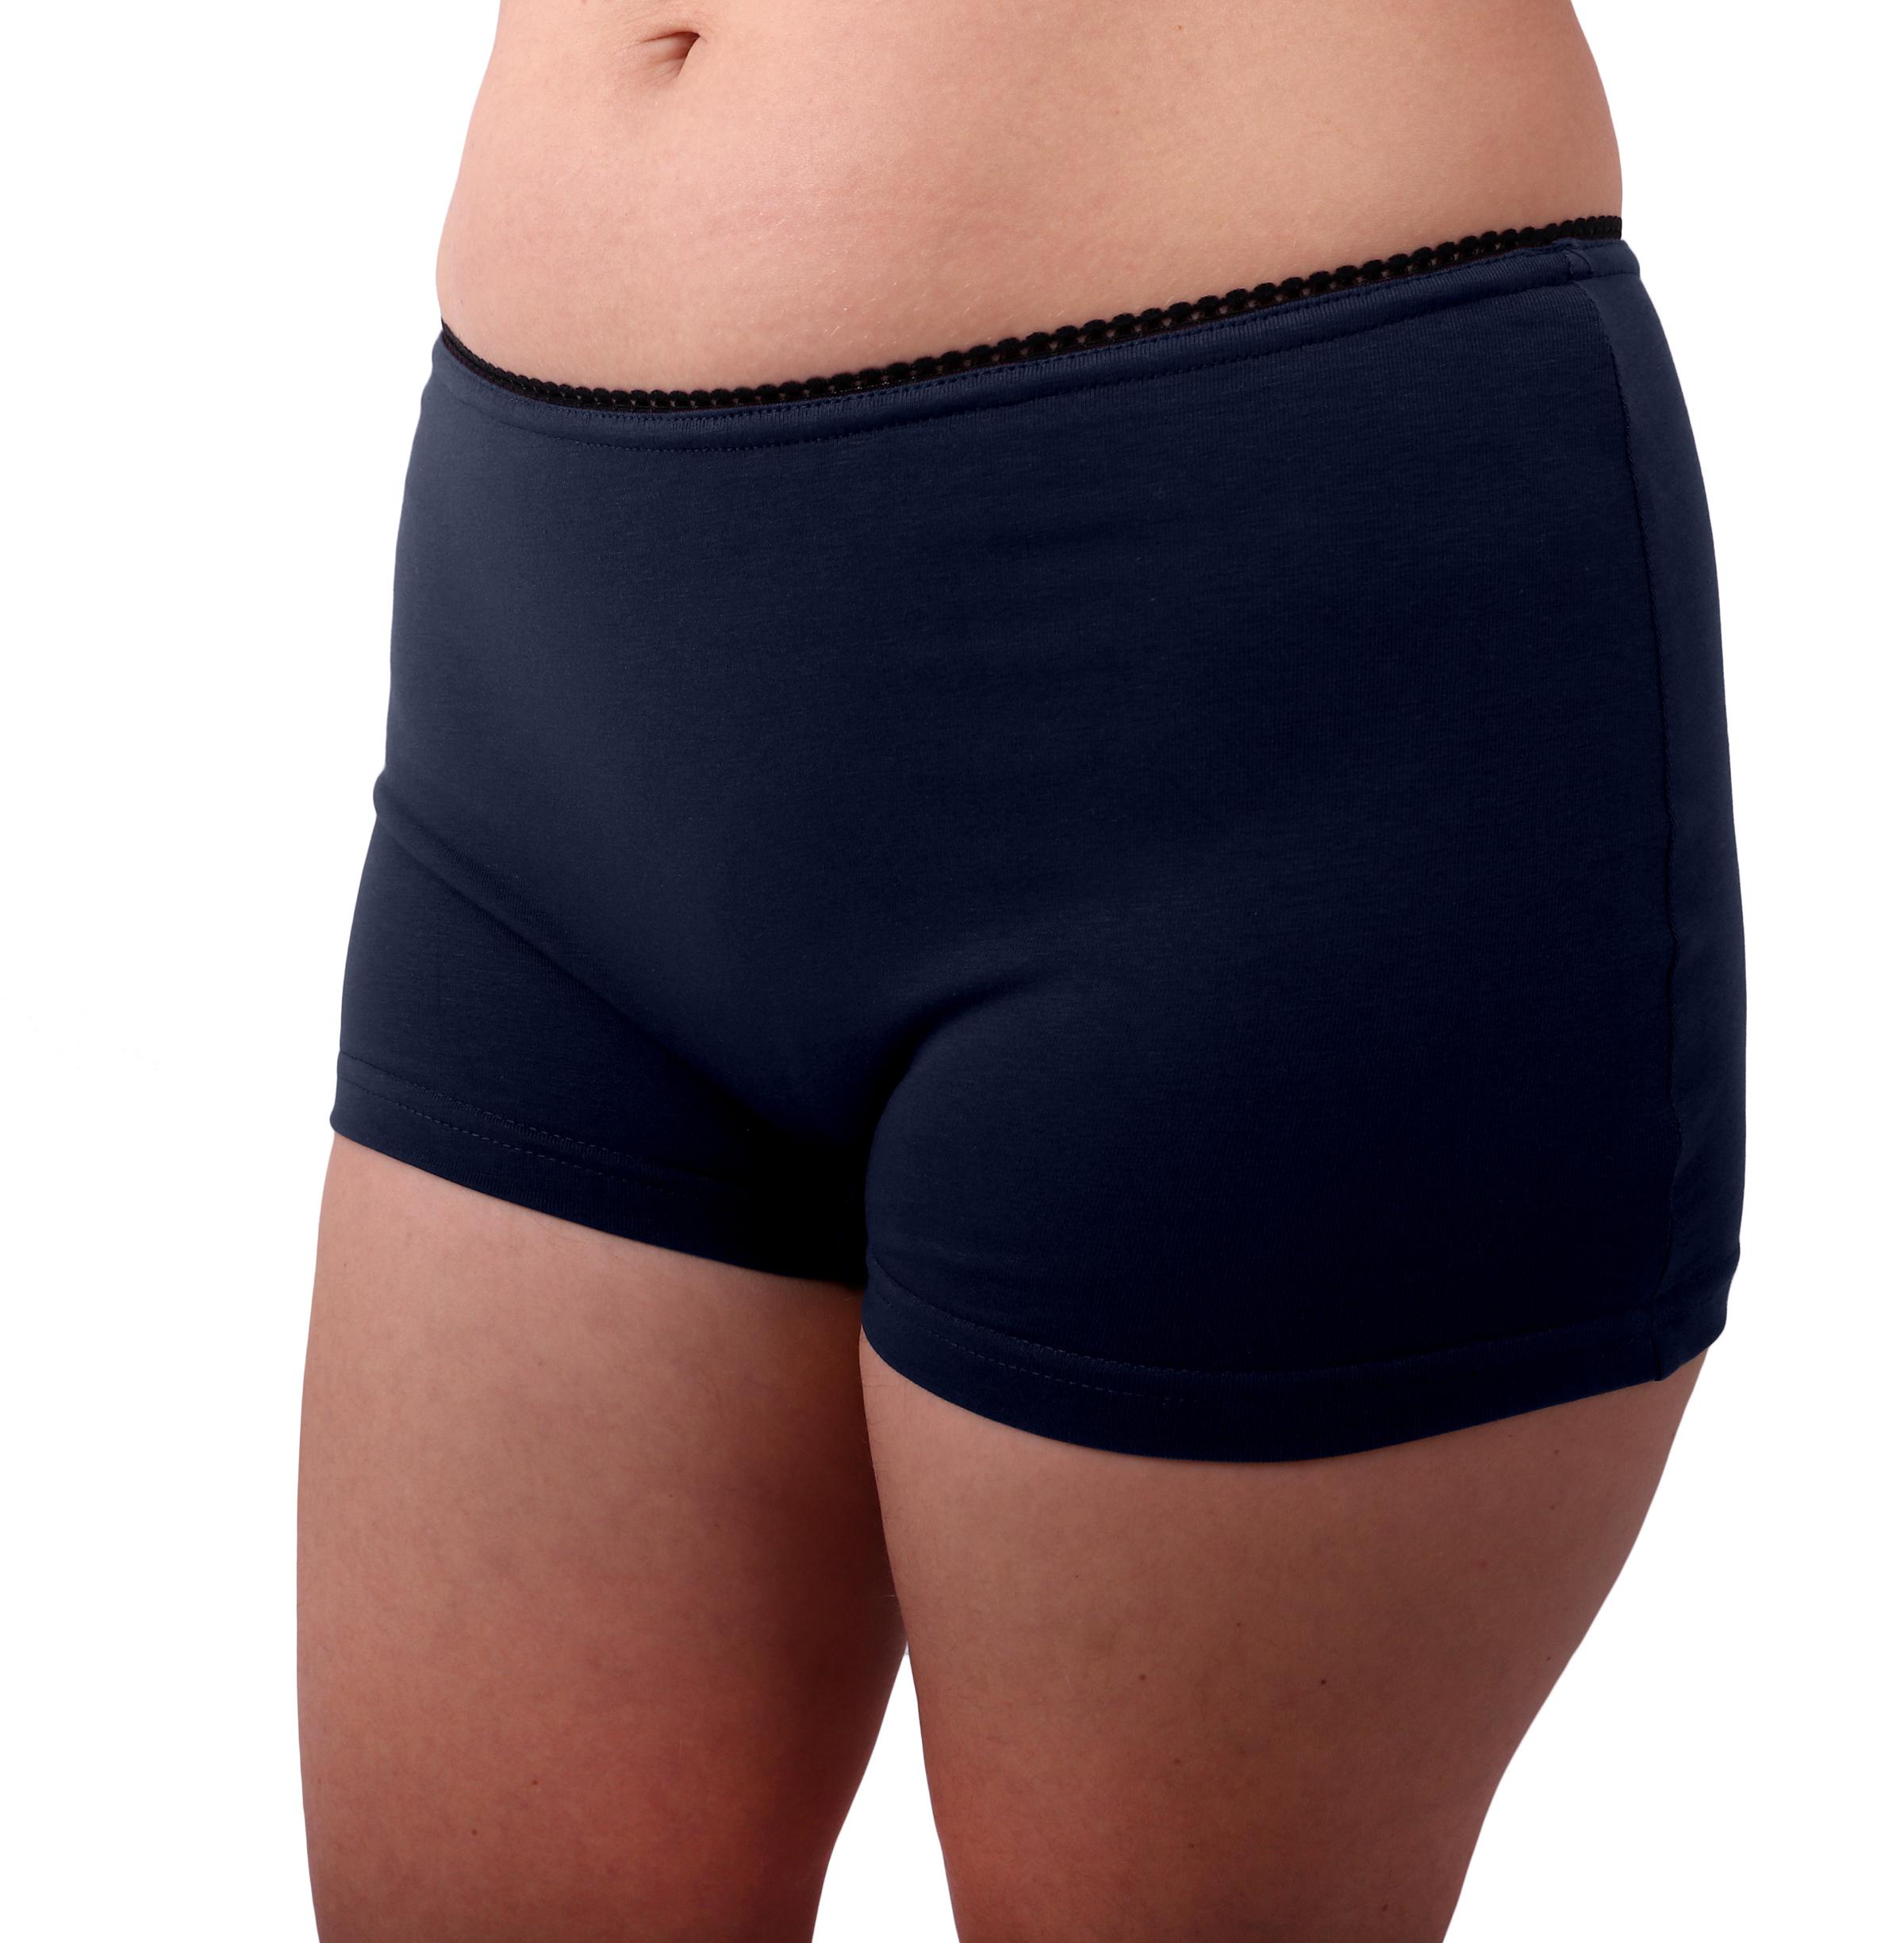 Dámské kalhotky bavlněné, nohavičkové, tmavě modré, 42